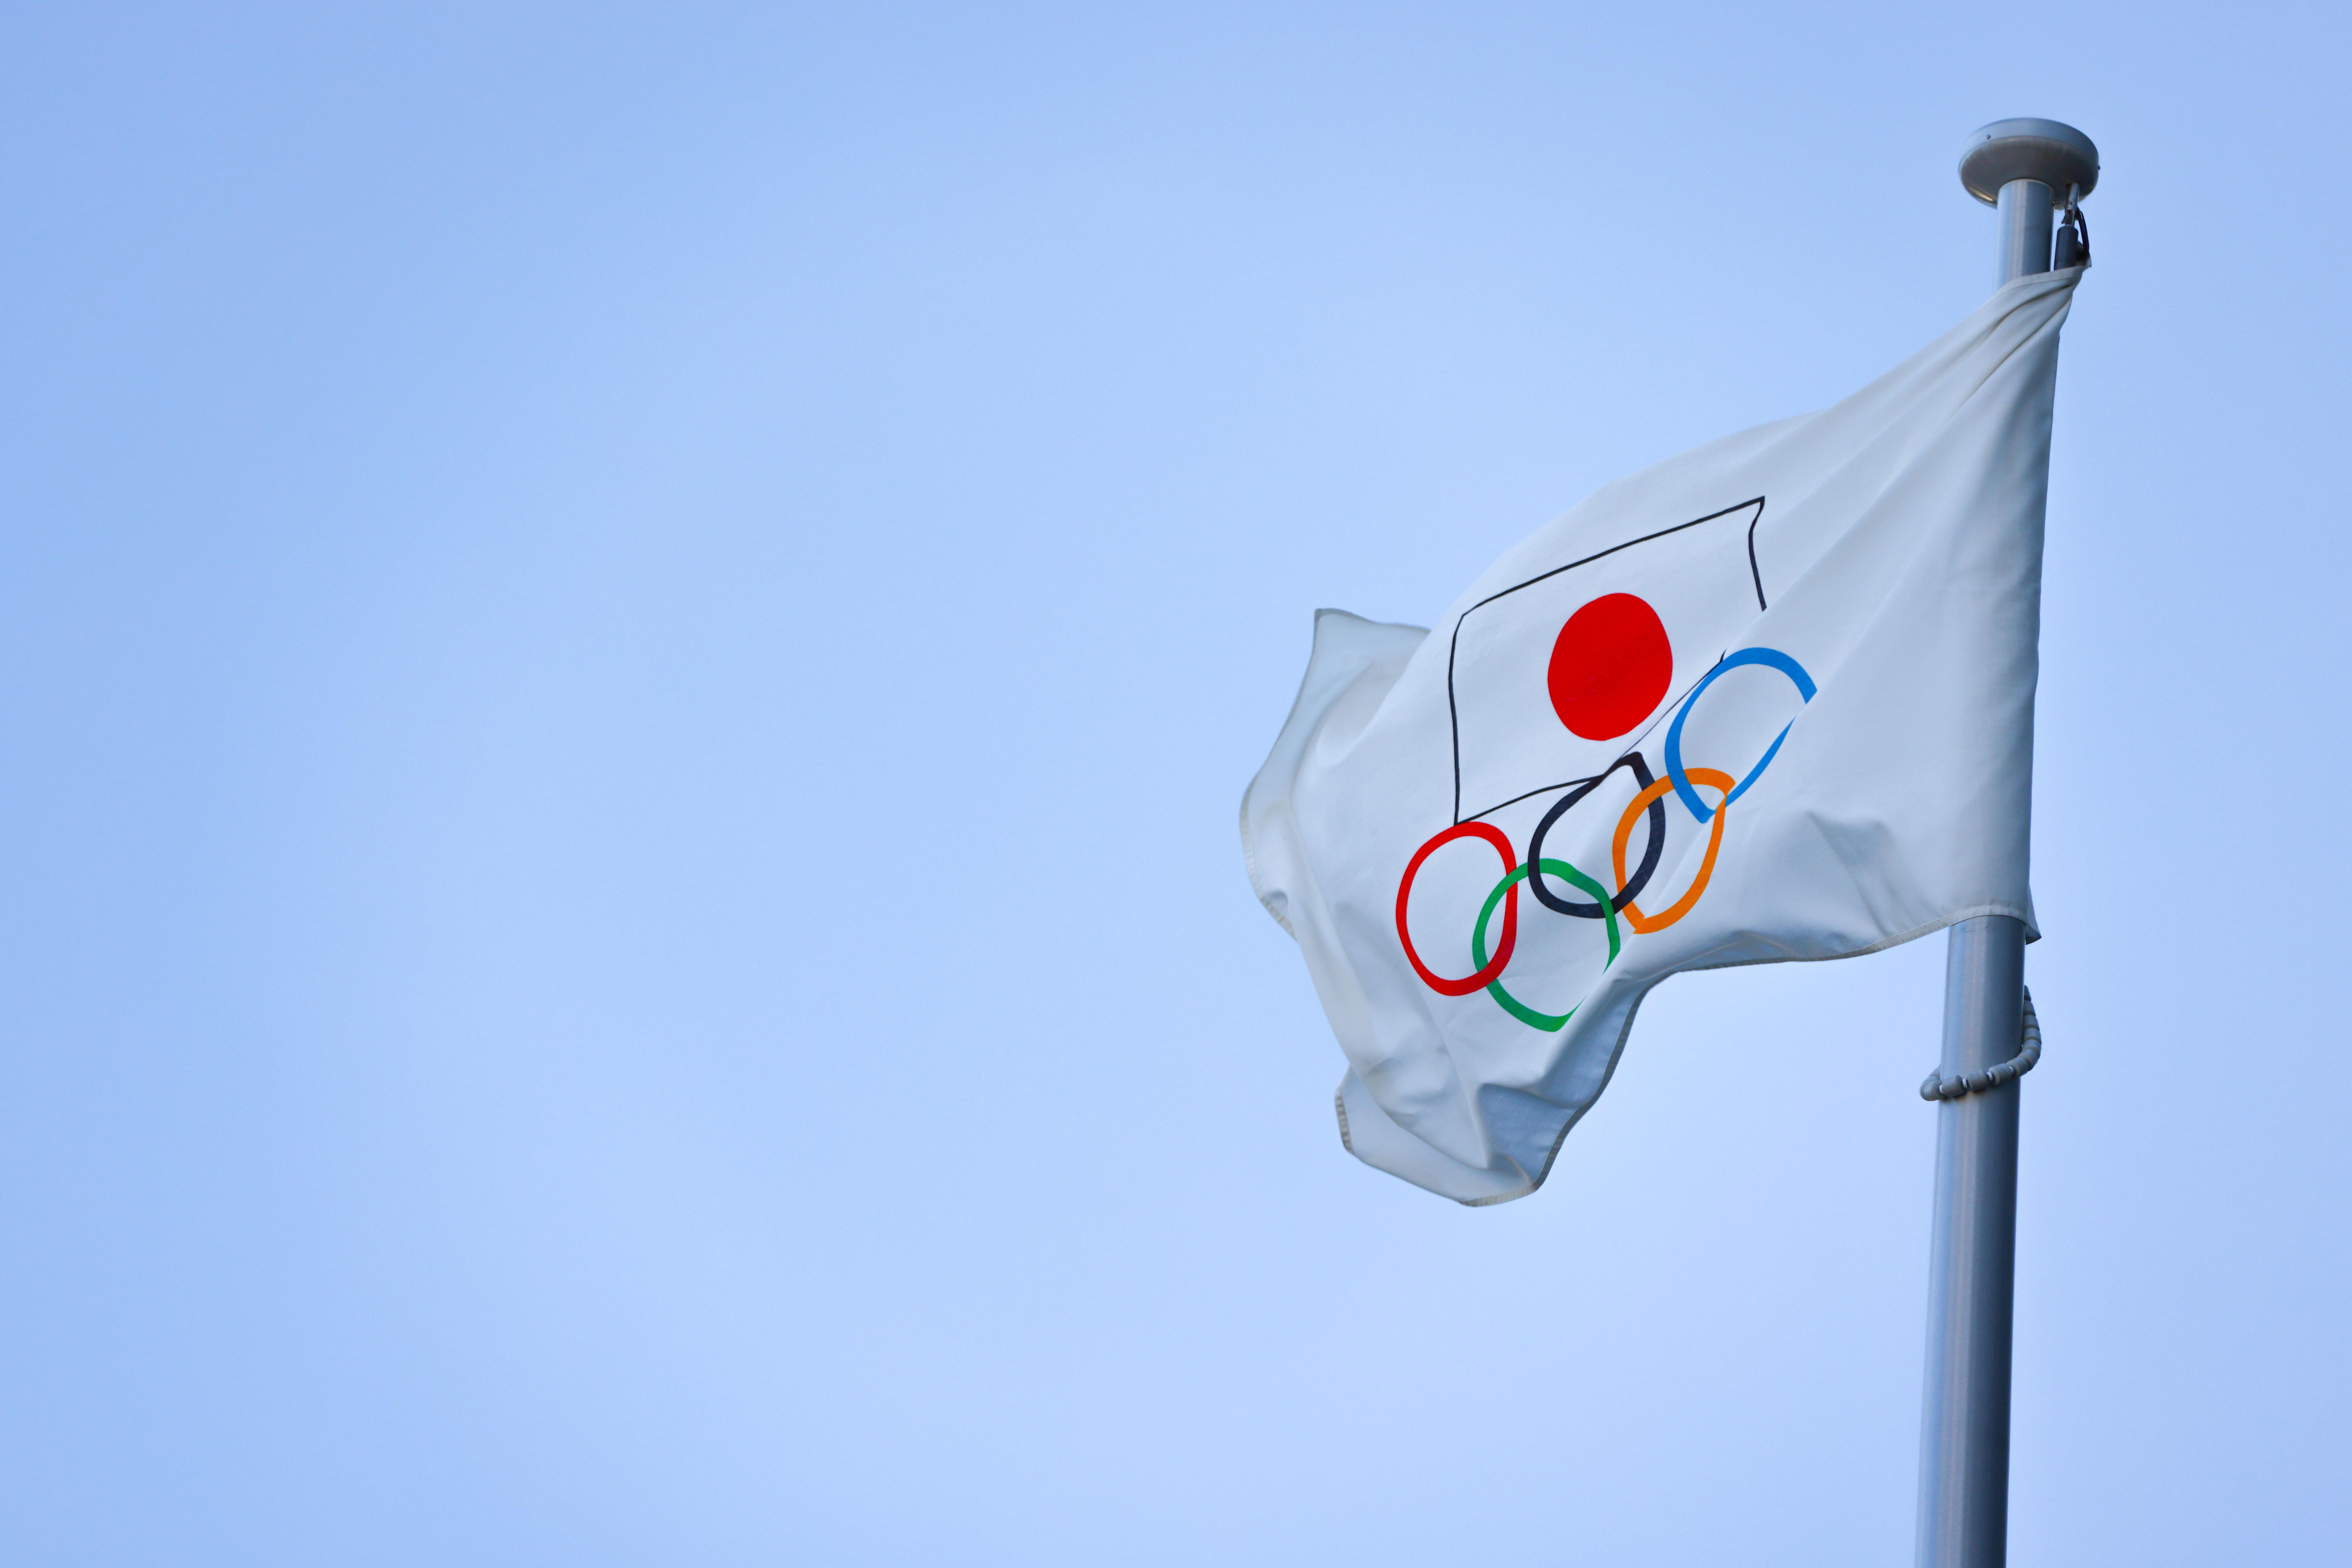 75 российских легкоатлетов подали заявки в РУСАДА на получение нейтрального статуса